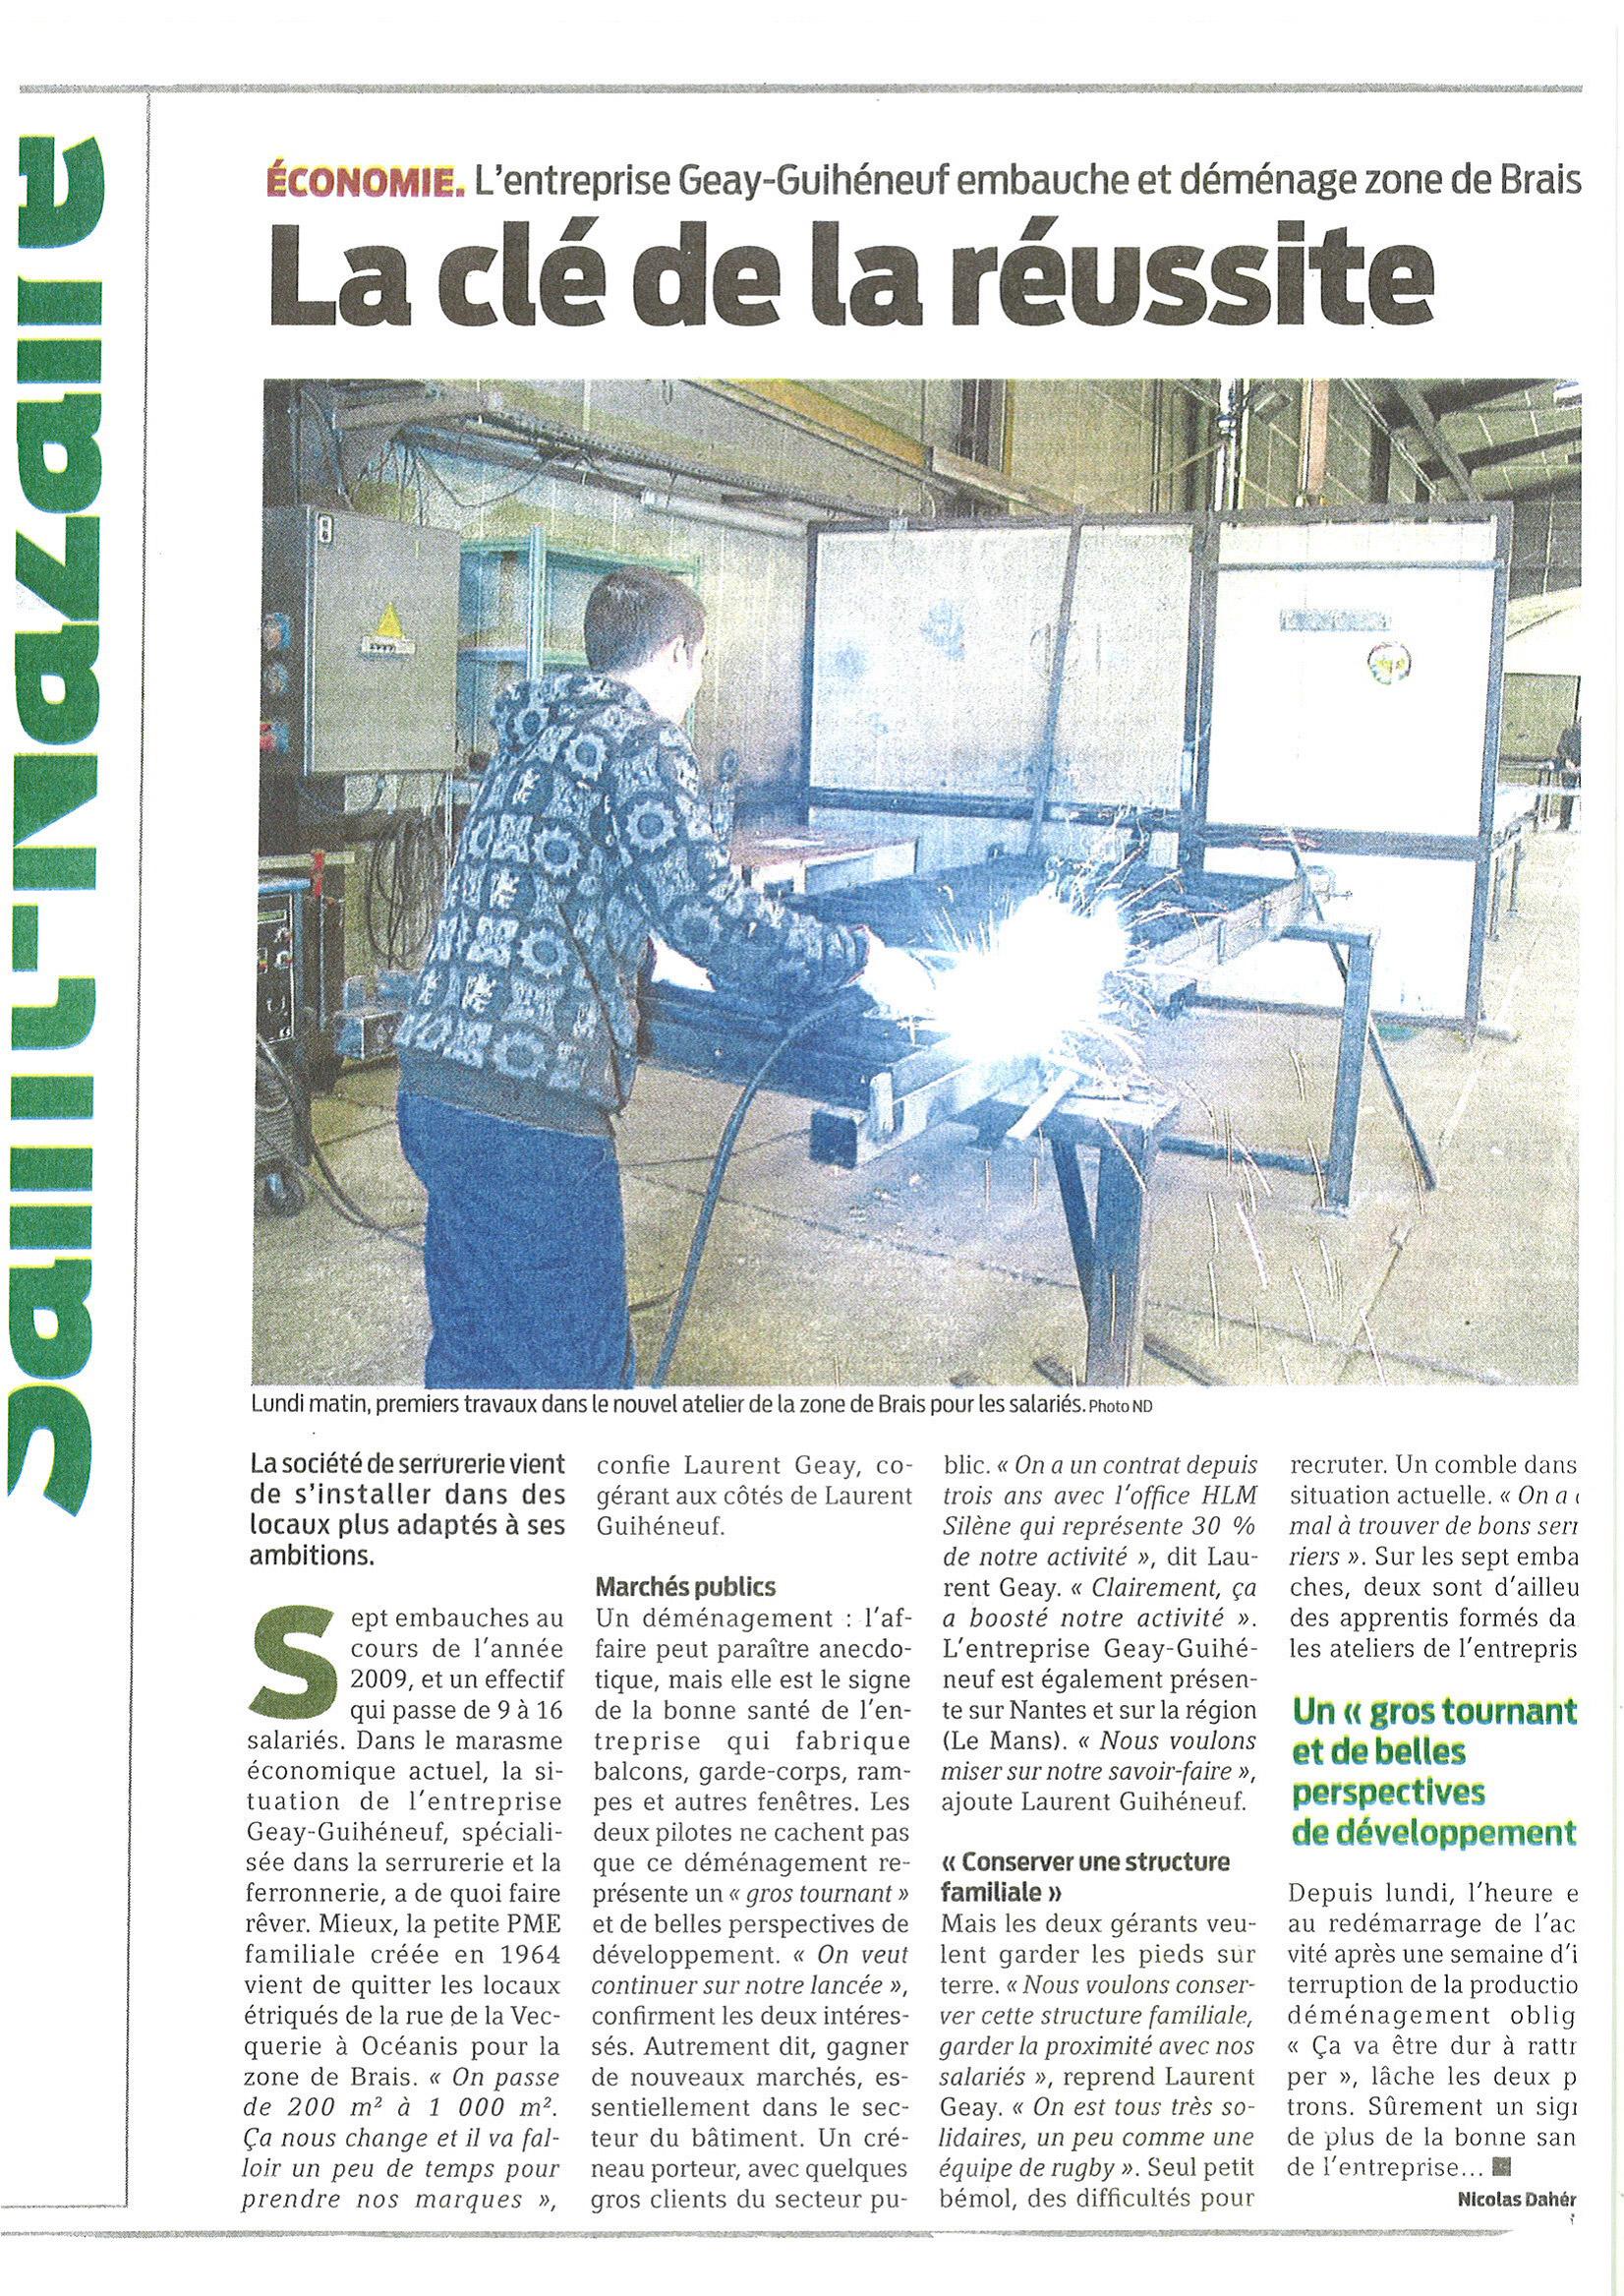 Articles de journaux : Emménagement dans la zone de Brais en 2010